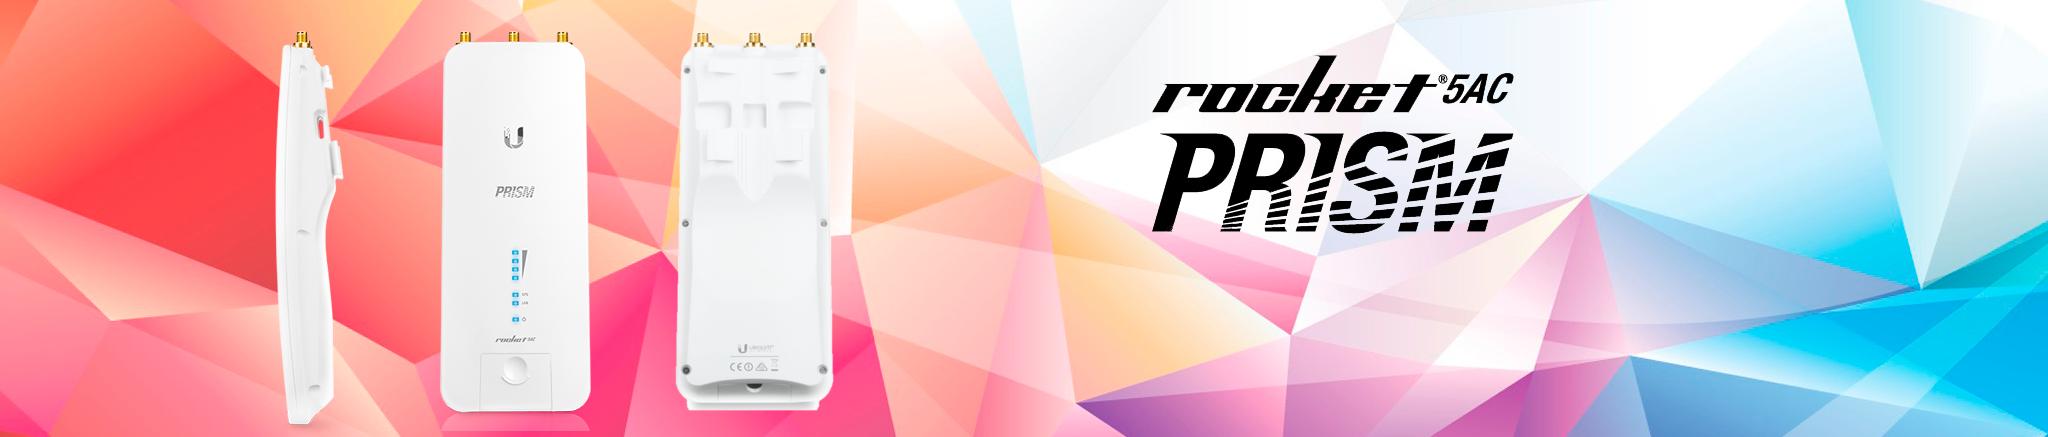 Rocket AC prism